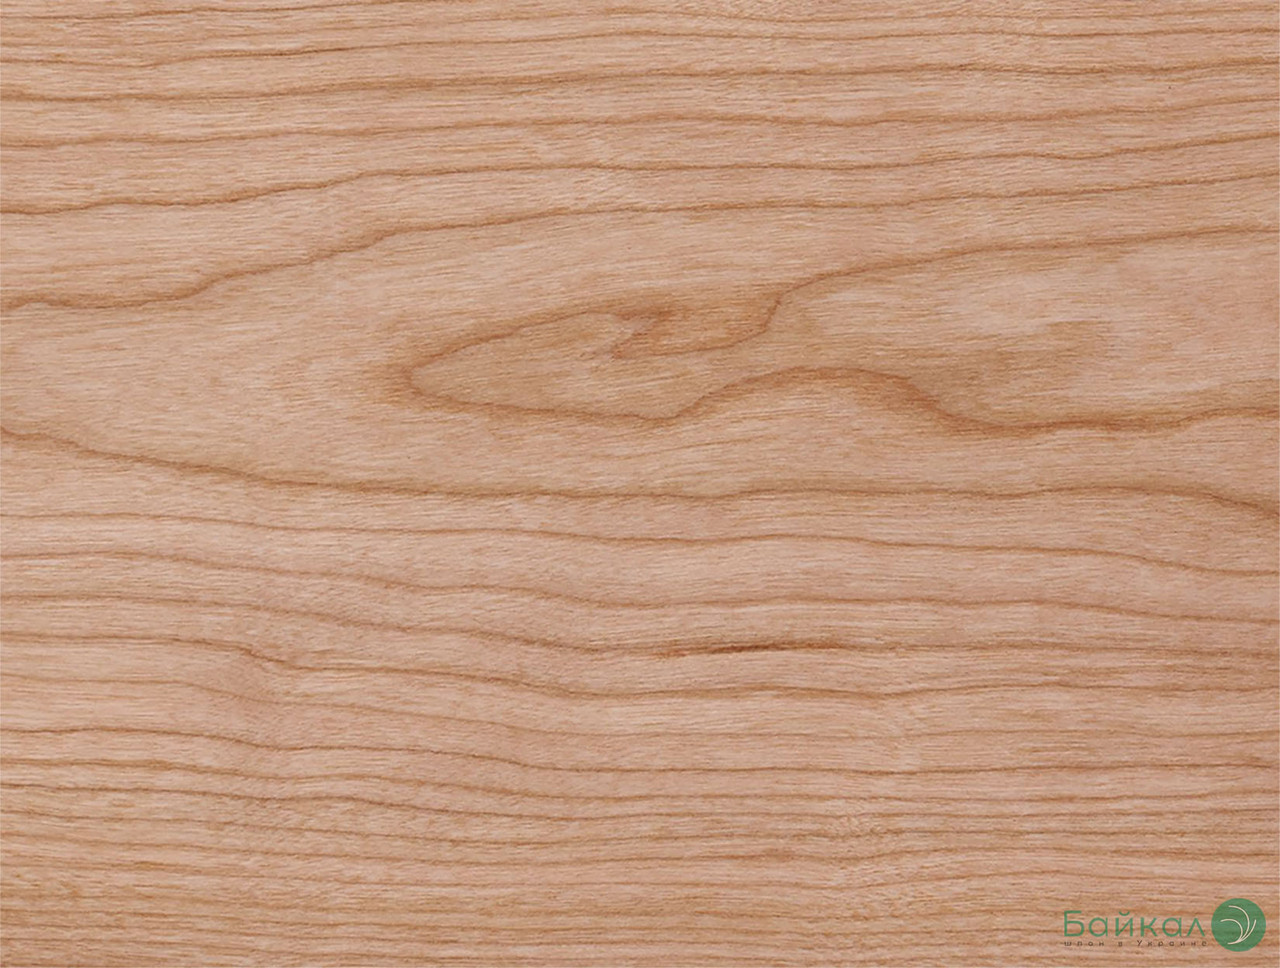 Пиляный шпон Черешня (ламель) 4,5 мм  I сорт - 2,10м+/10 см+